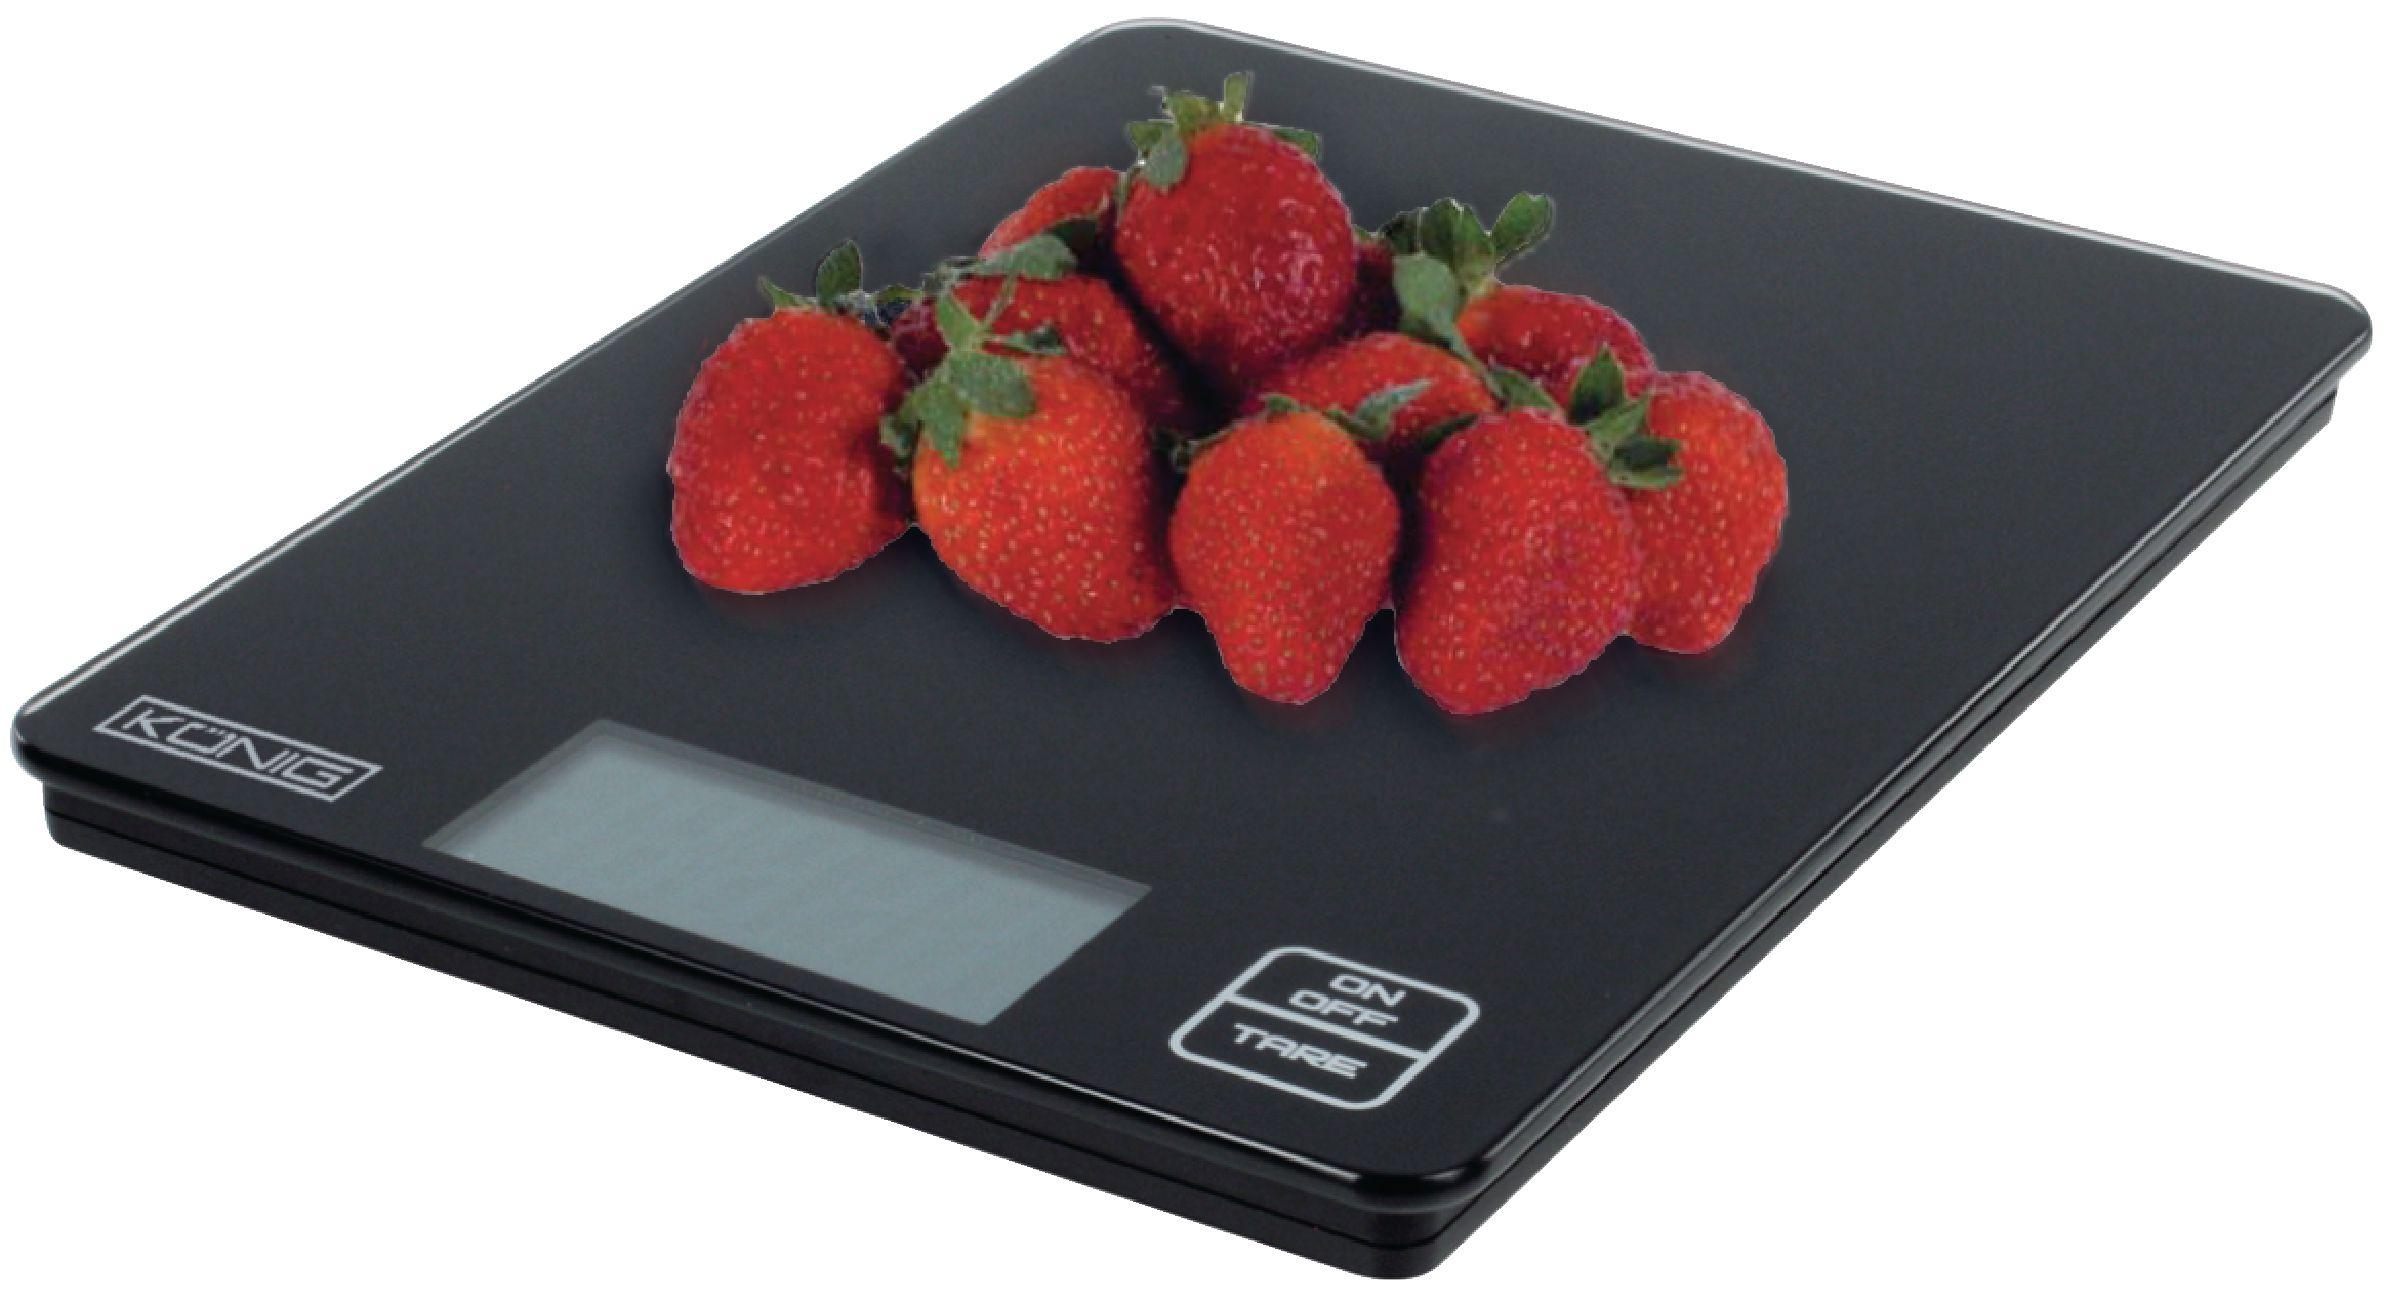 Kuchyňská digitální skleněná váha černá König, HC-KS12N